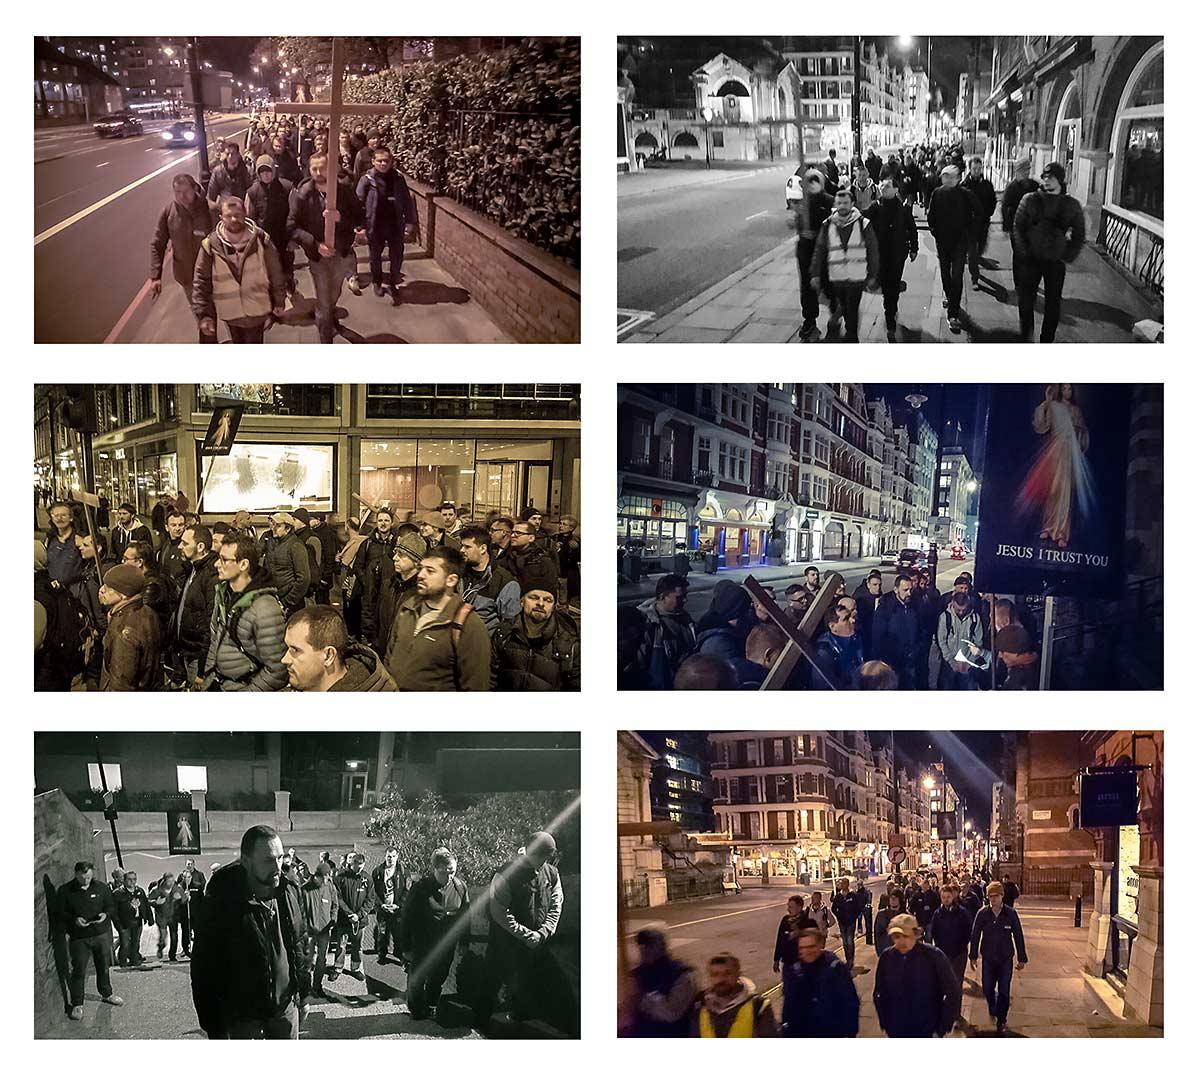 MSJ_droga_krzyzowa_london_2017_006